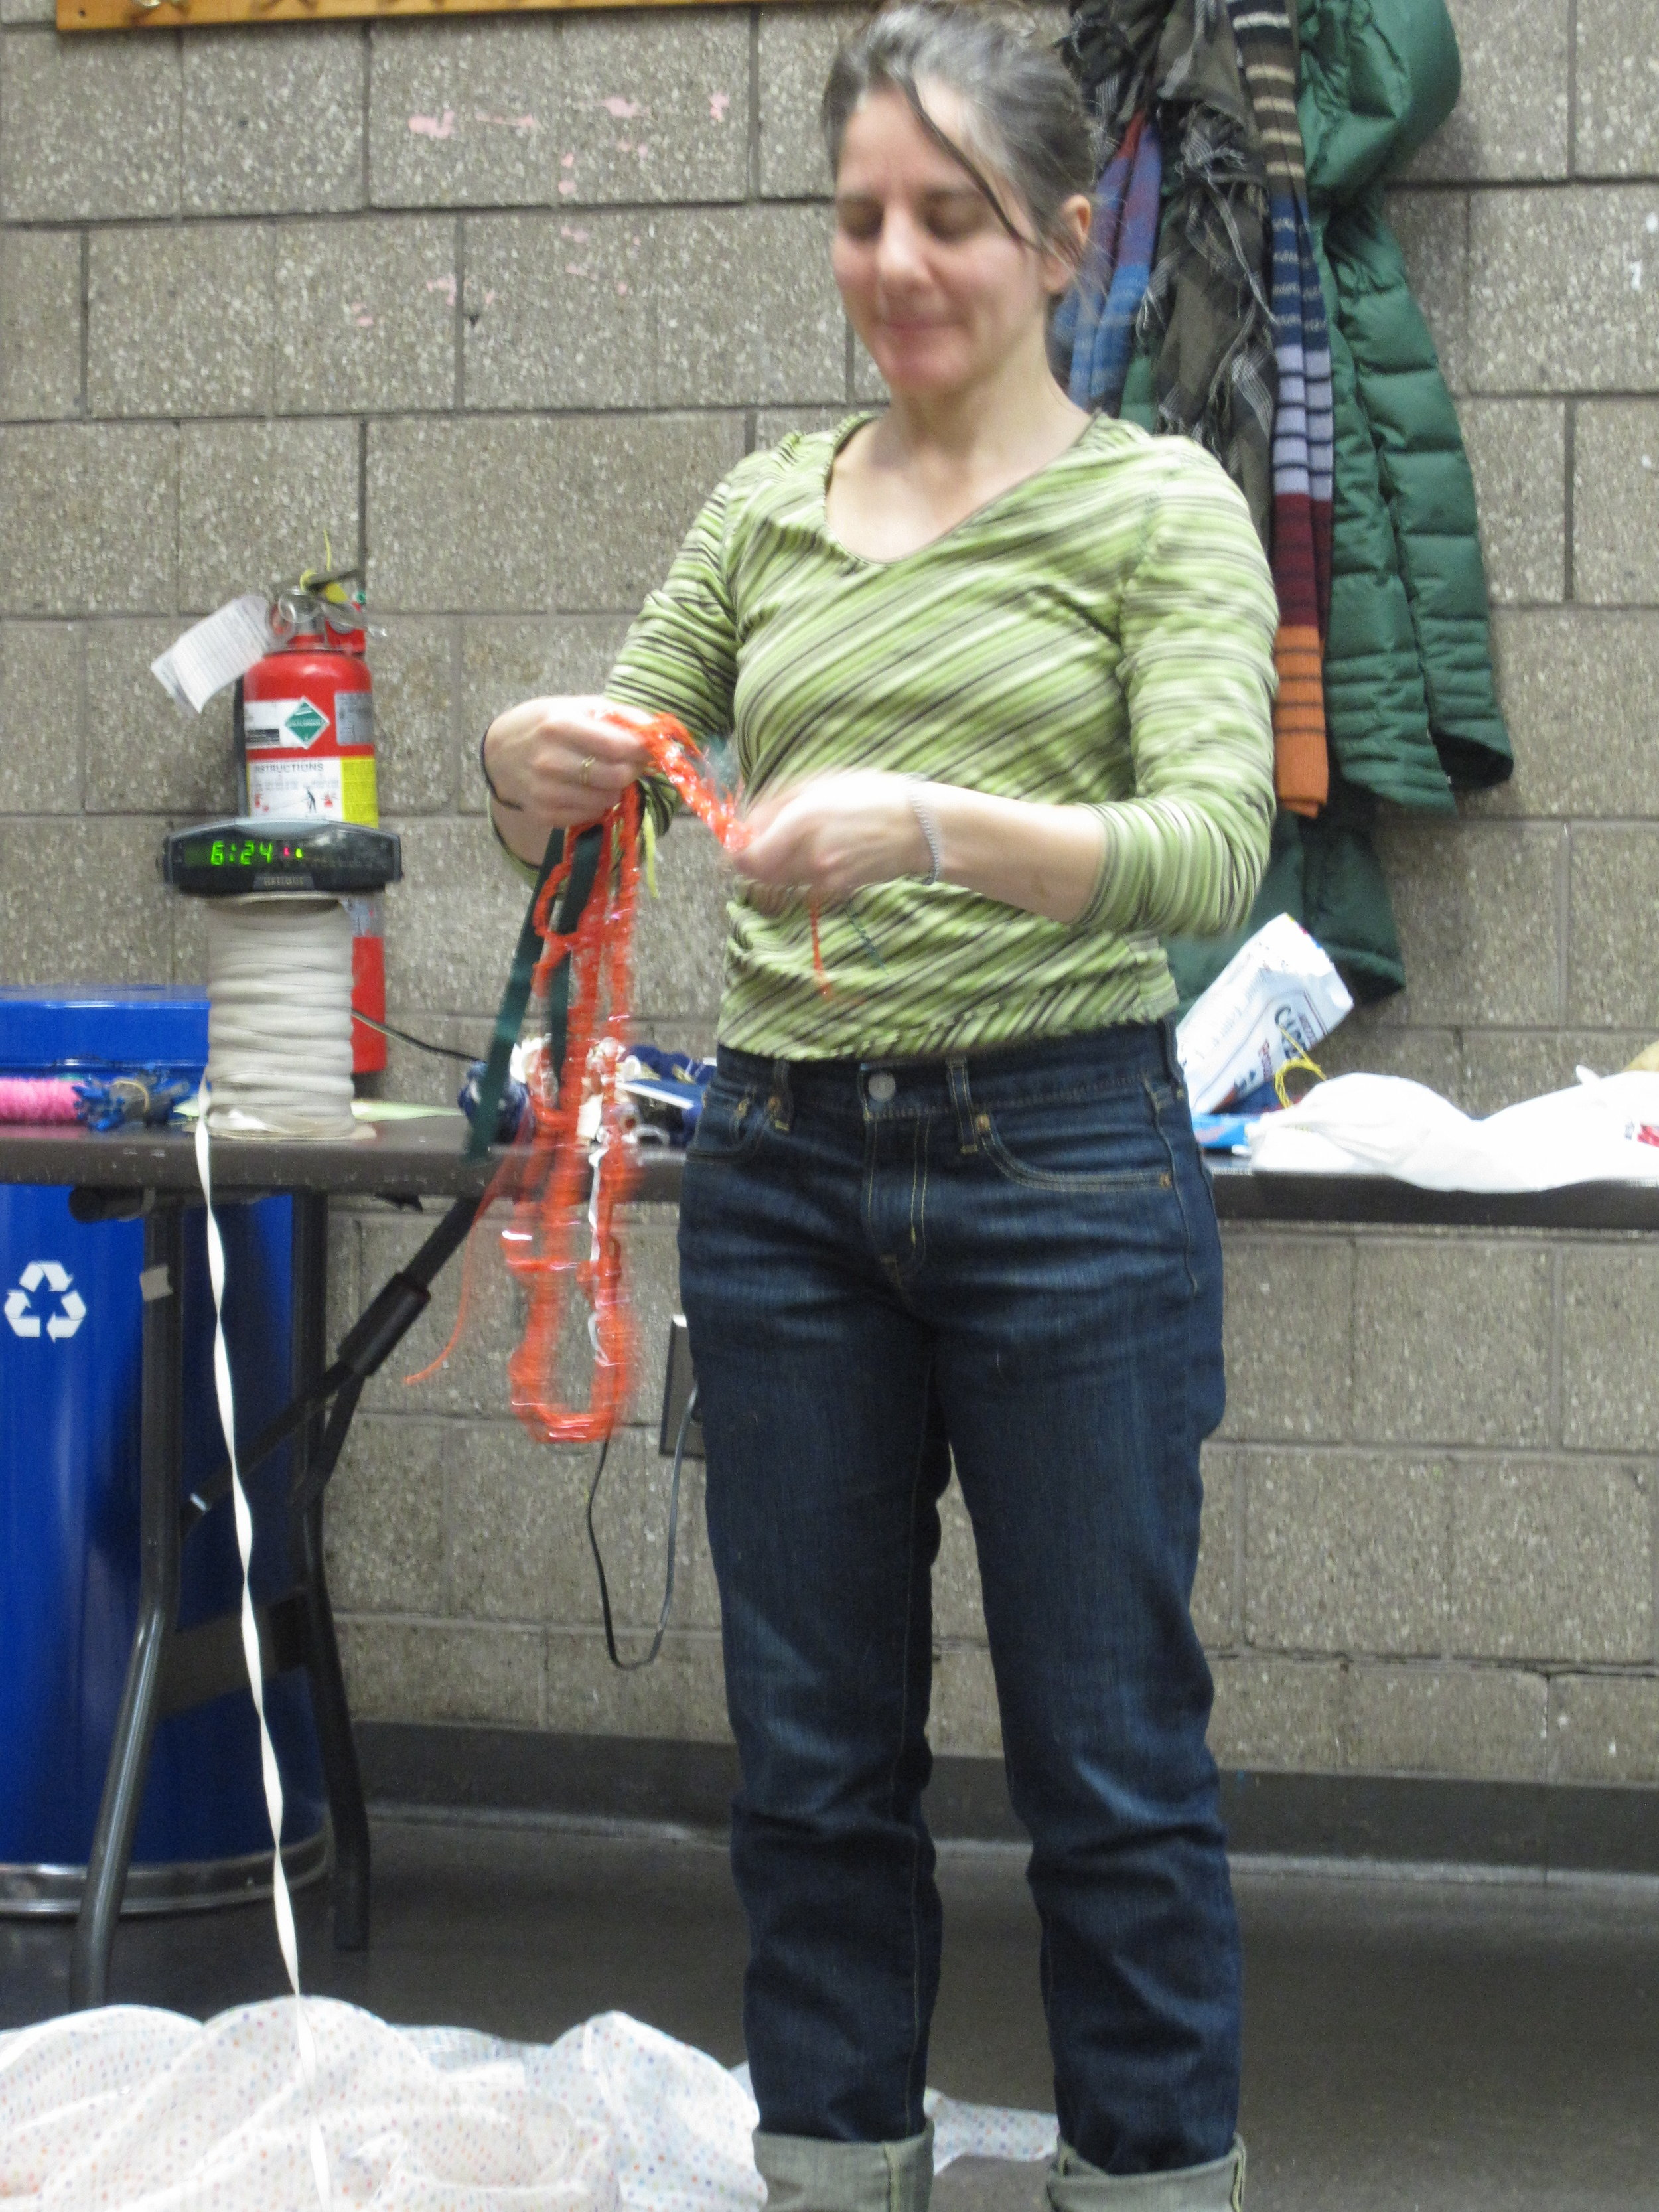 knittingmarathon10_4314495811_o.jpg